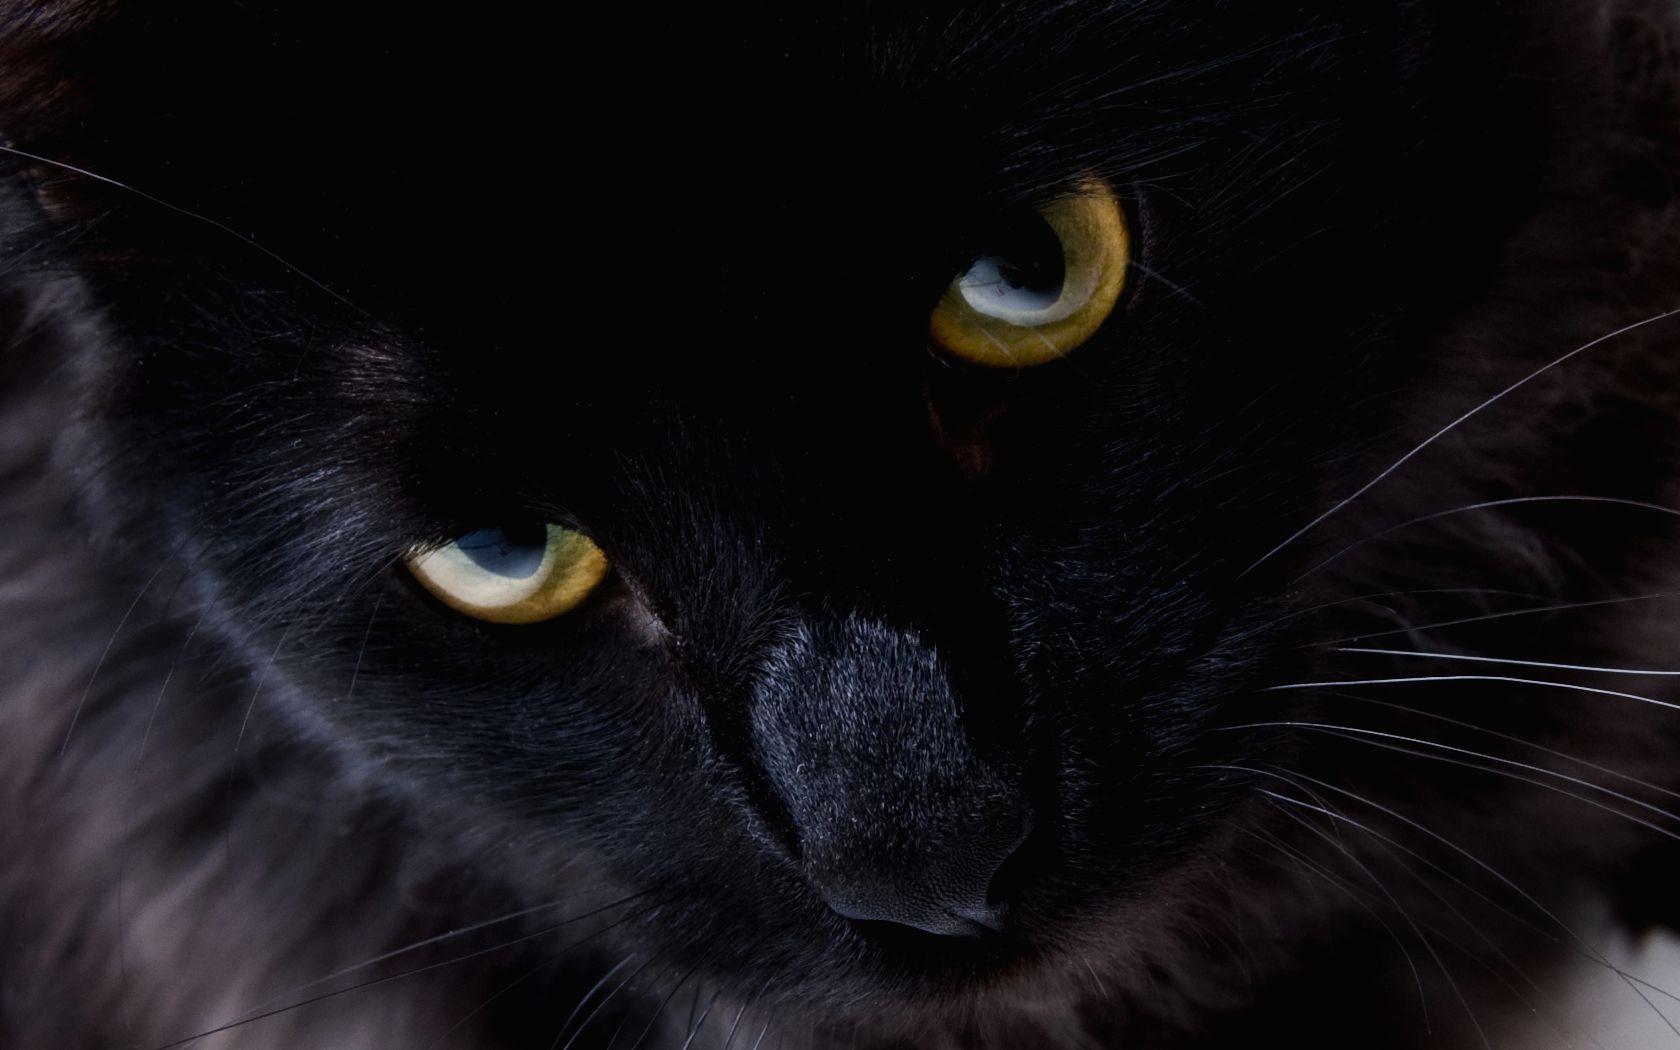 Gerelateerde Afbeelding Zwarte Katten Zwarte Kat Schattige Dieren